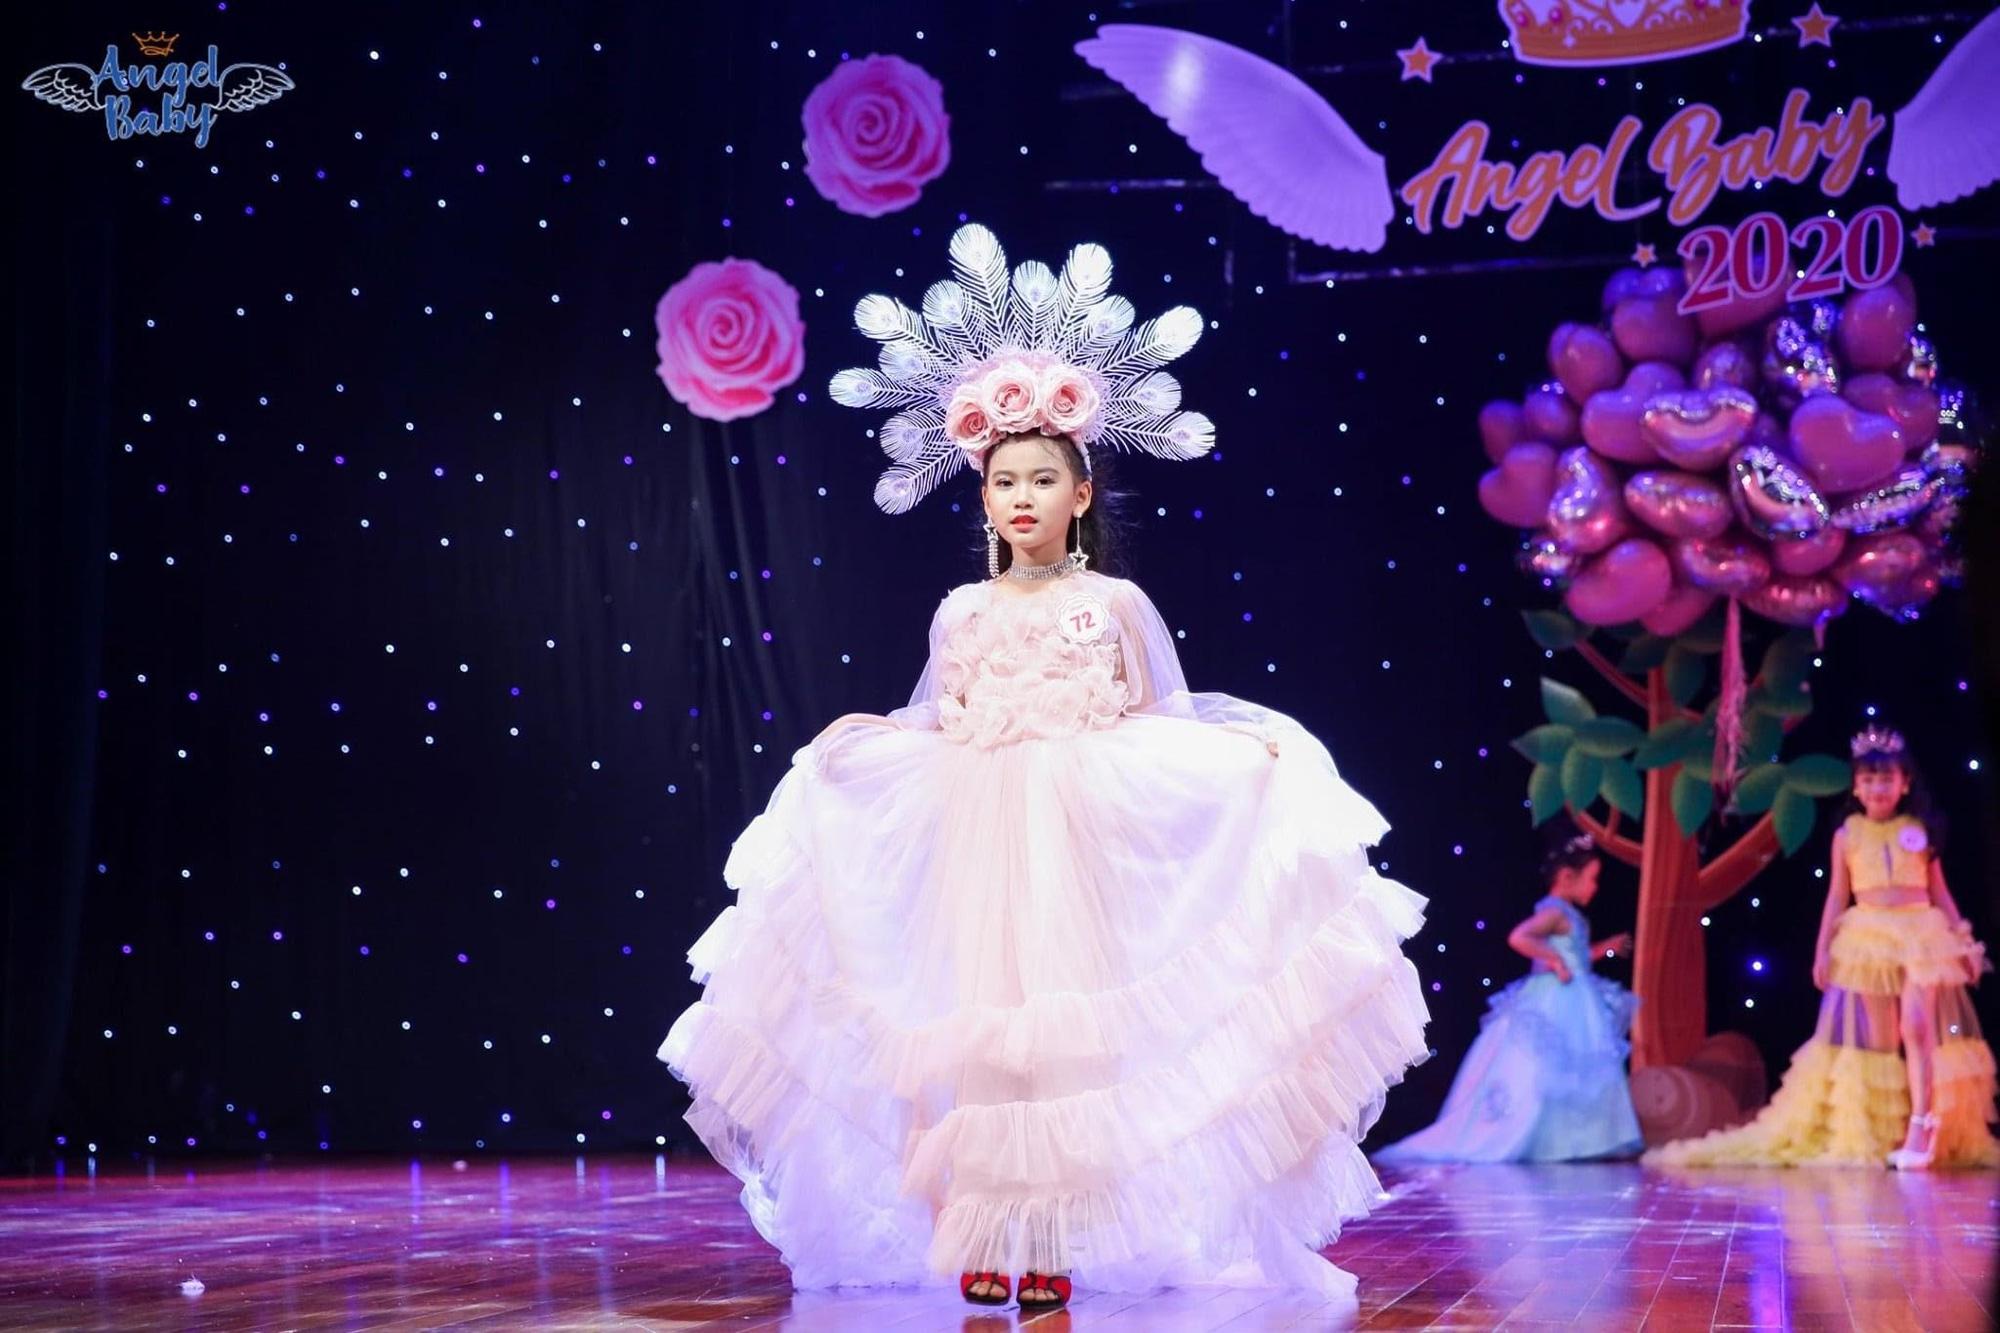 Nguyễn Ngọc Hải Trúc: Công chúa thời trang xuất sắc của Hải Phòng - Ảnh 2.